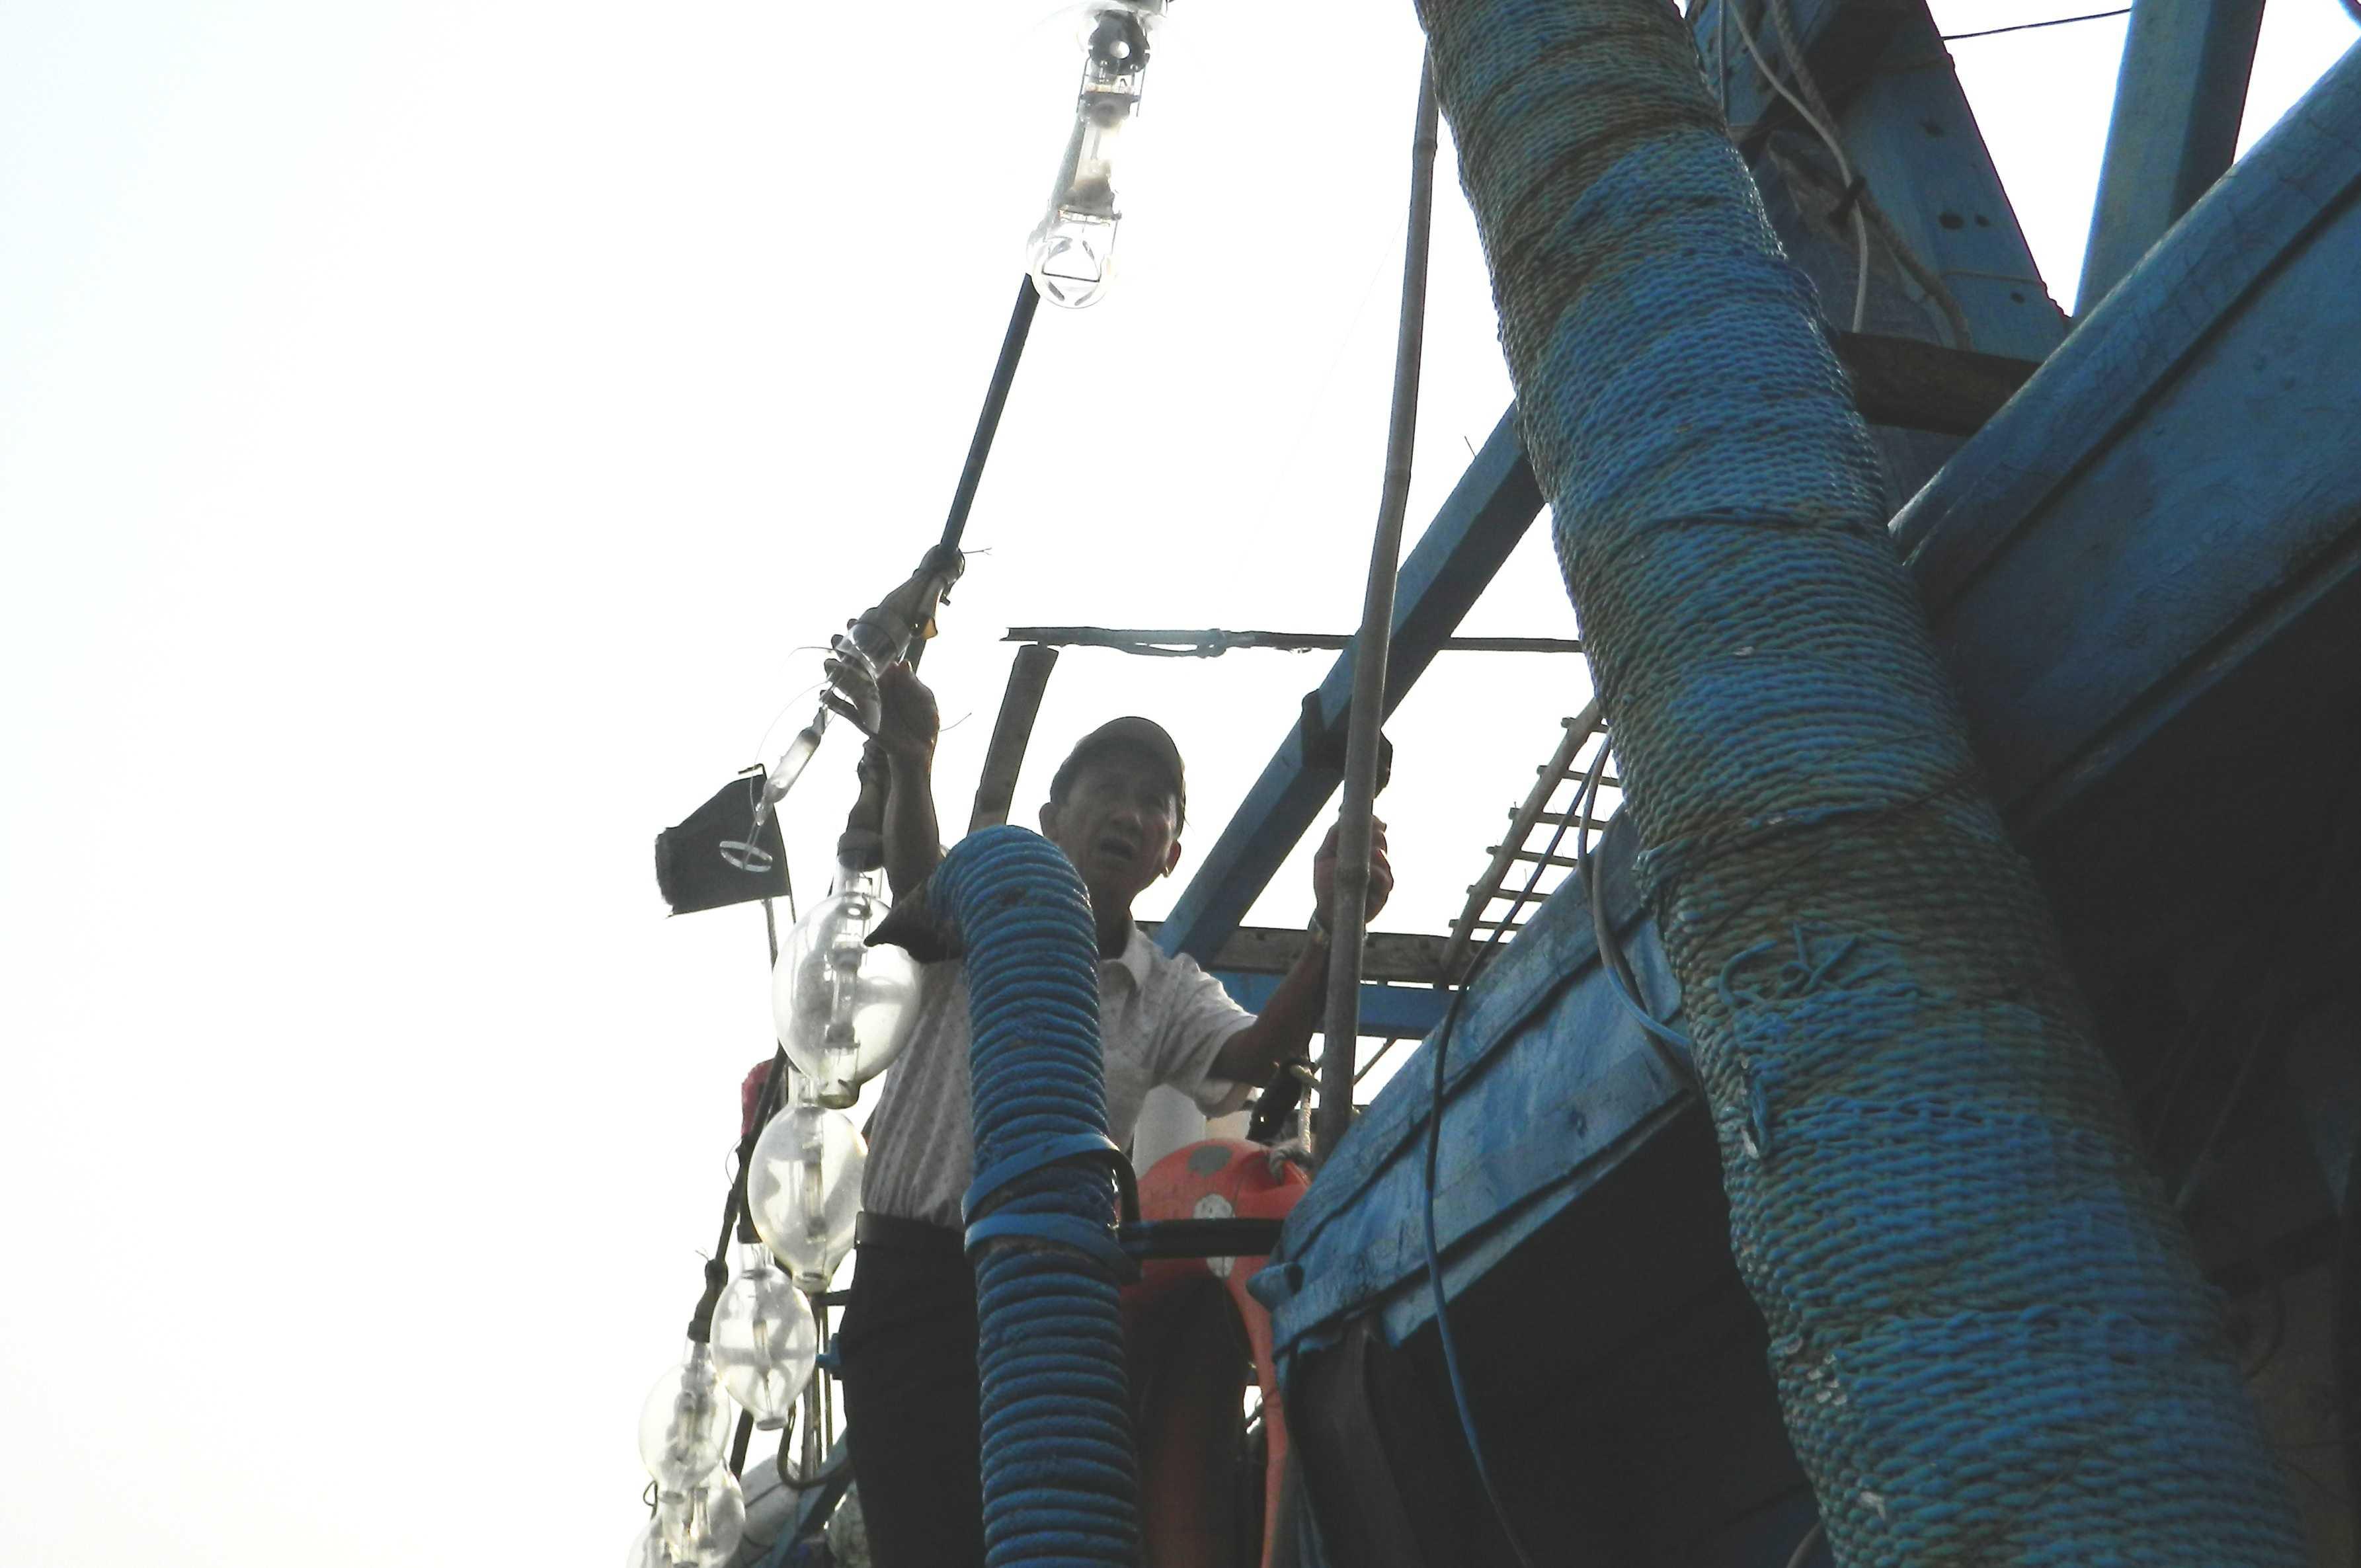 Ngư dân sinh đã thay lại bóng đèn chong cá bị Trung Quốc bắn bể.